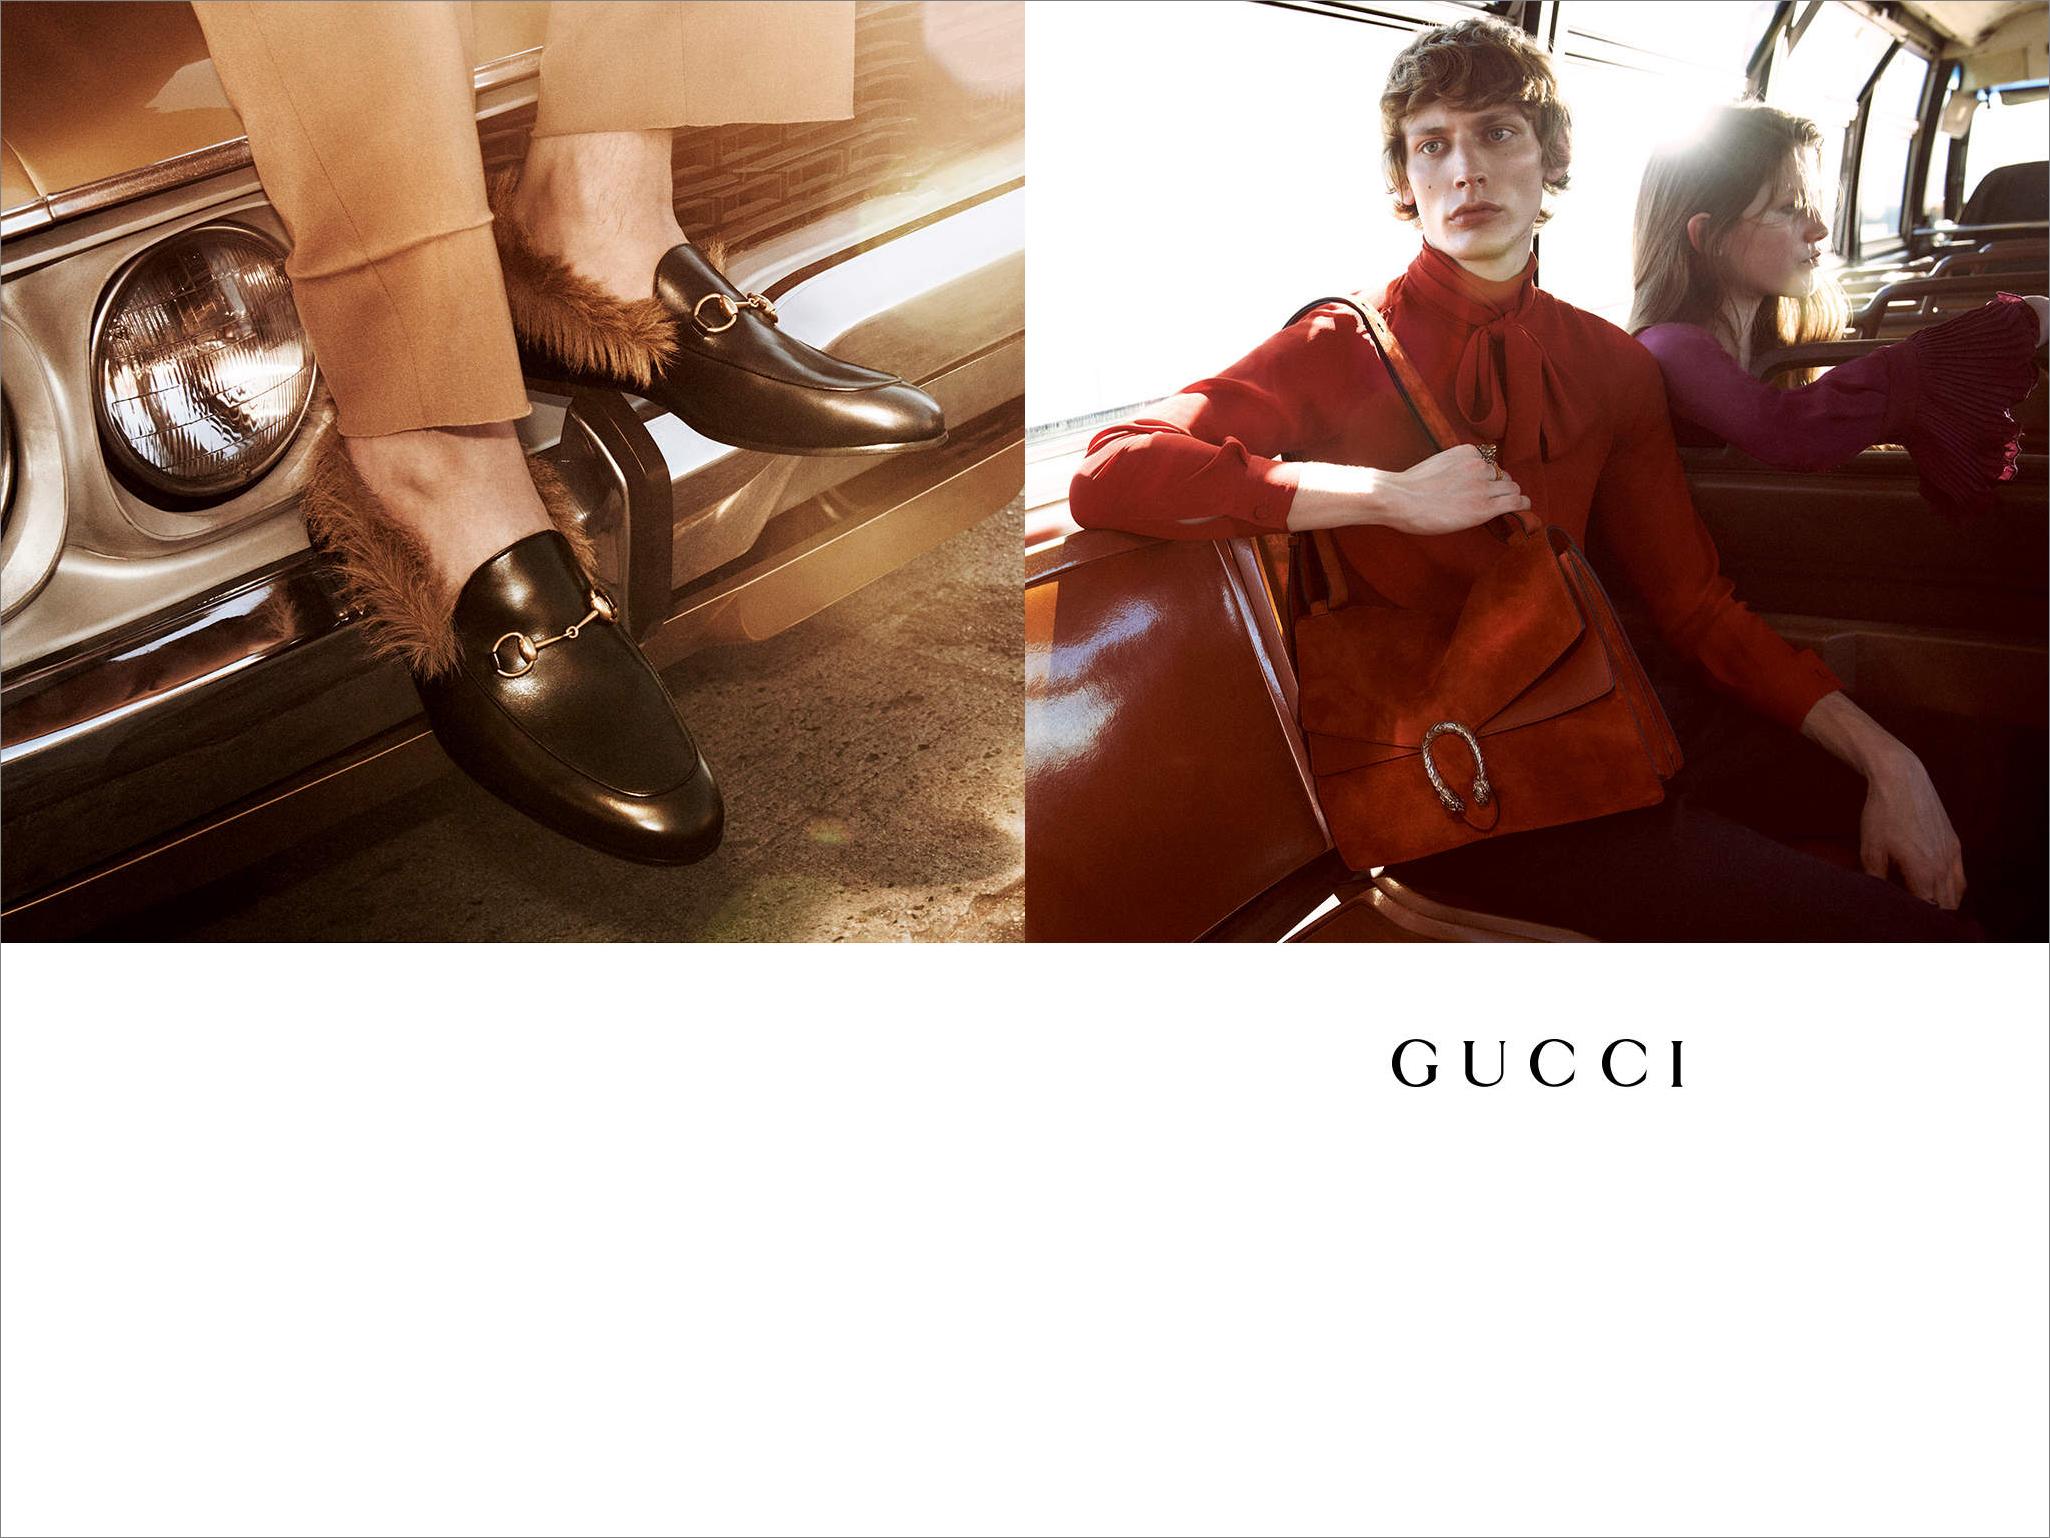 gucci-ad-advertisement-campaign-fall-2015-the-impression-01